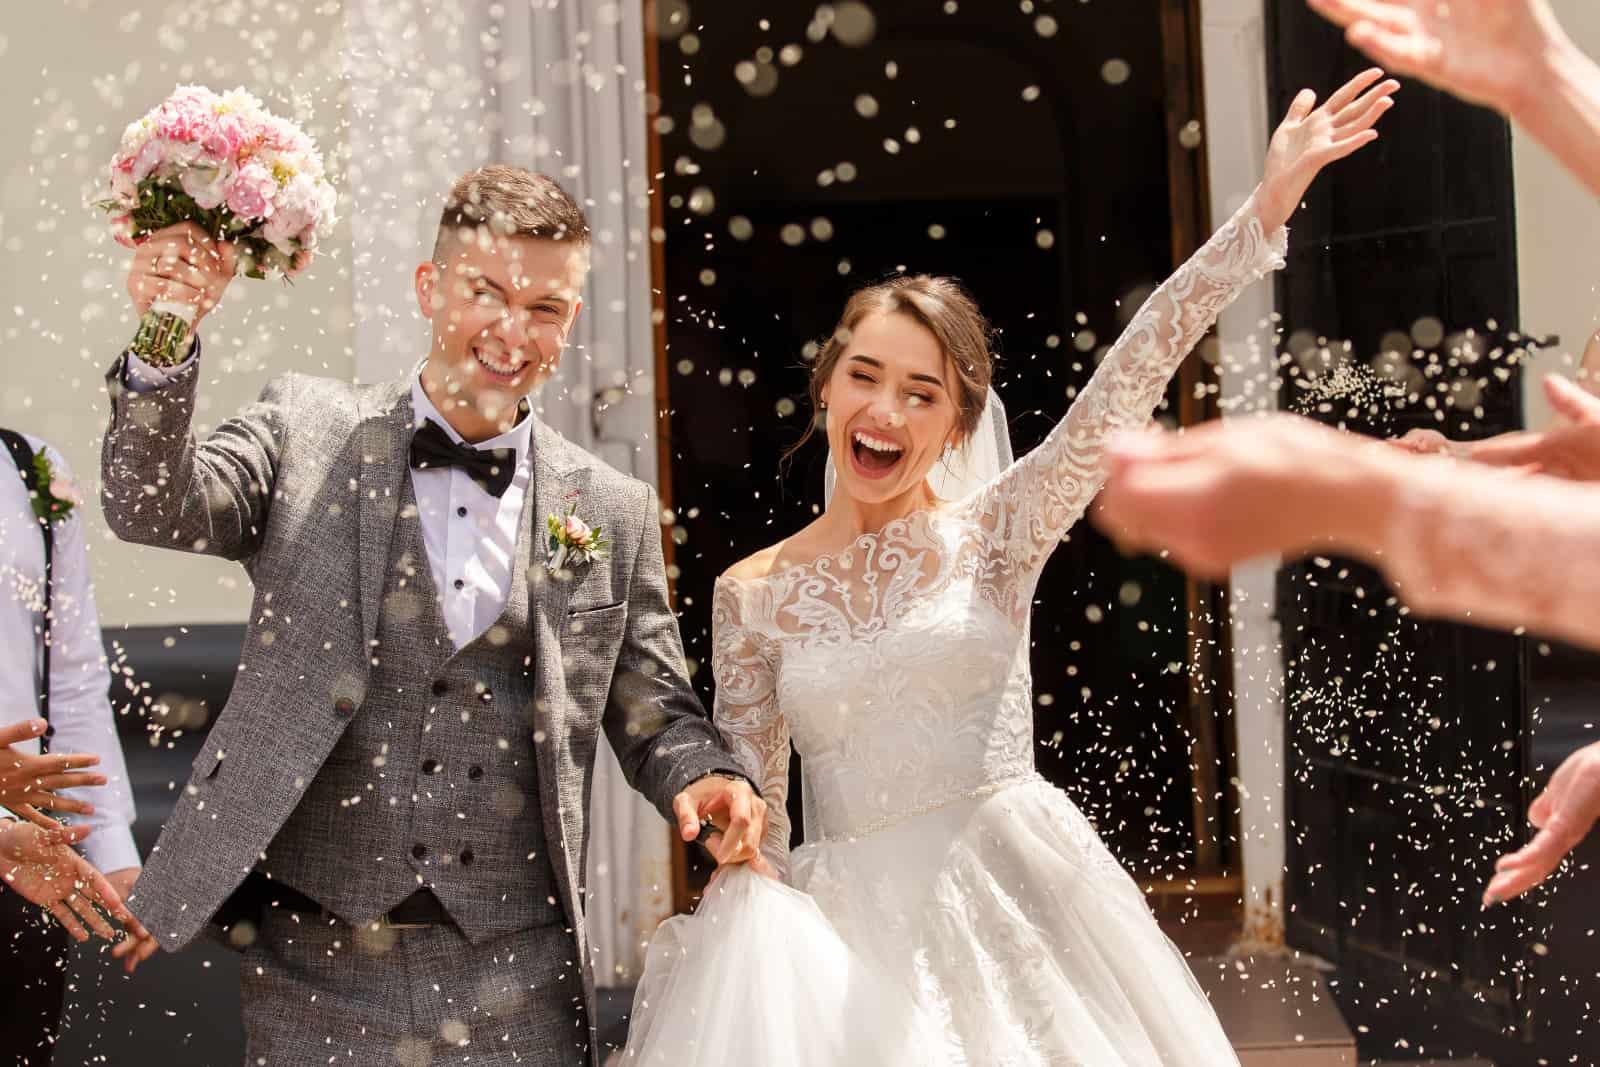 ein aufgeregtes frisch verheiratetes Paar